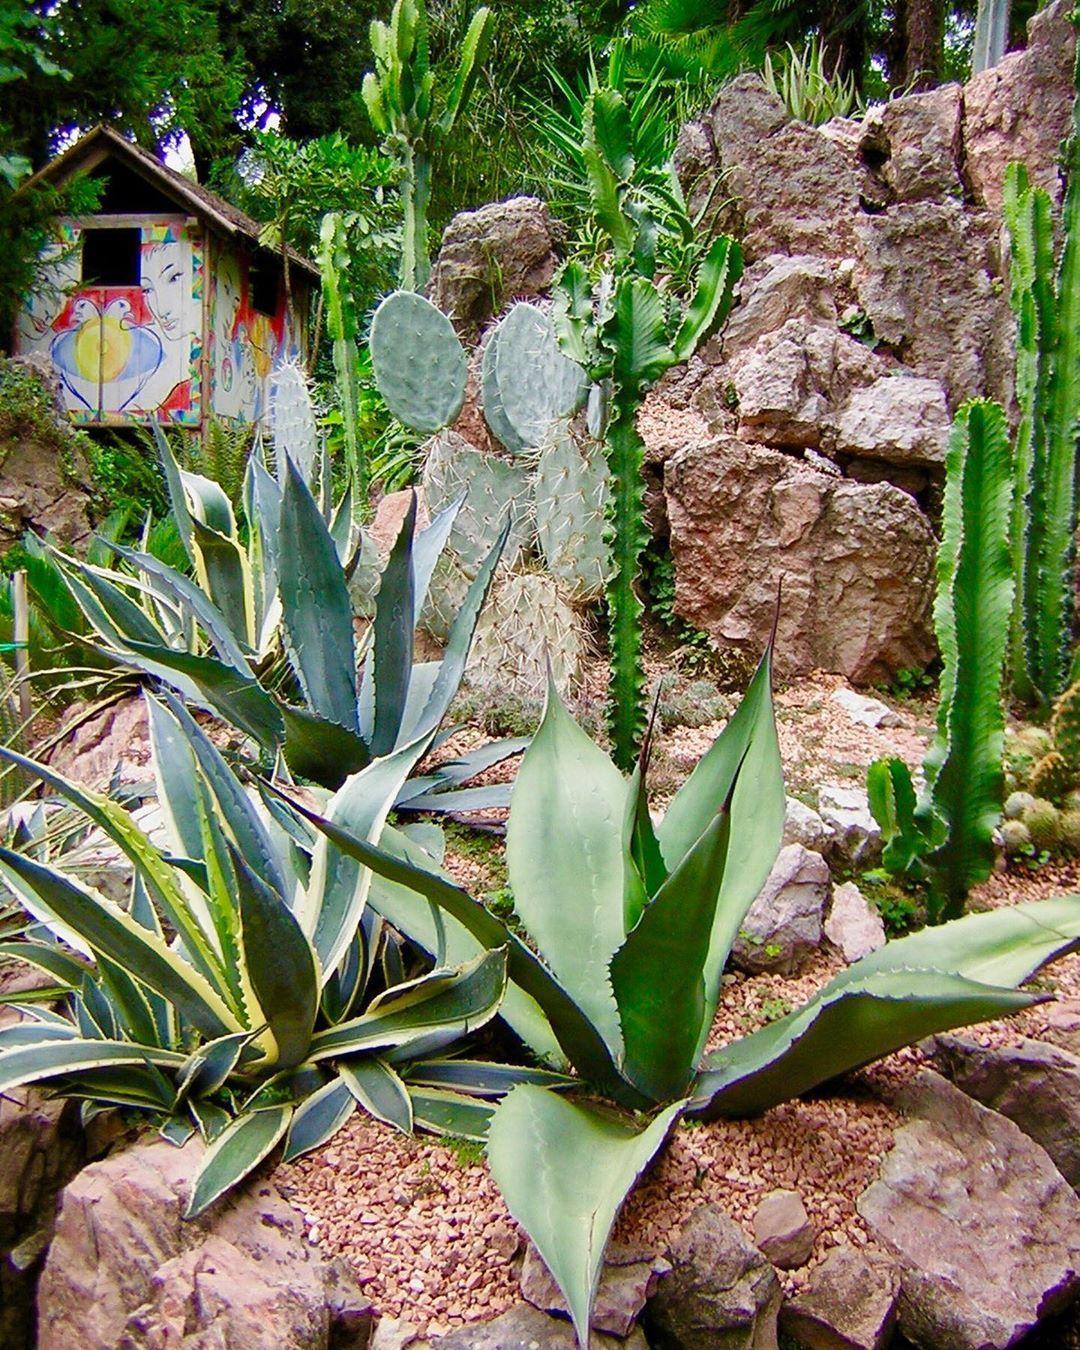 Heller Garden Gardone Riviera Italy English Version Below Kennt Ihr Den Heller Garten Er Ist So Schon Dass Ich Garten Design Bilder Garten